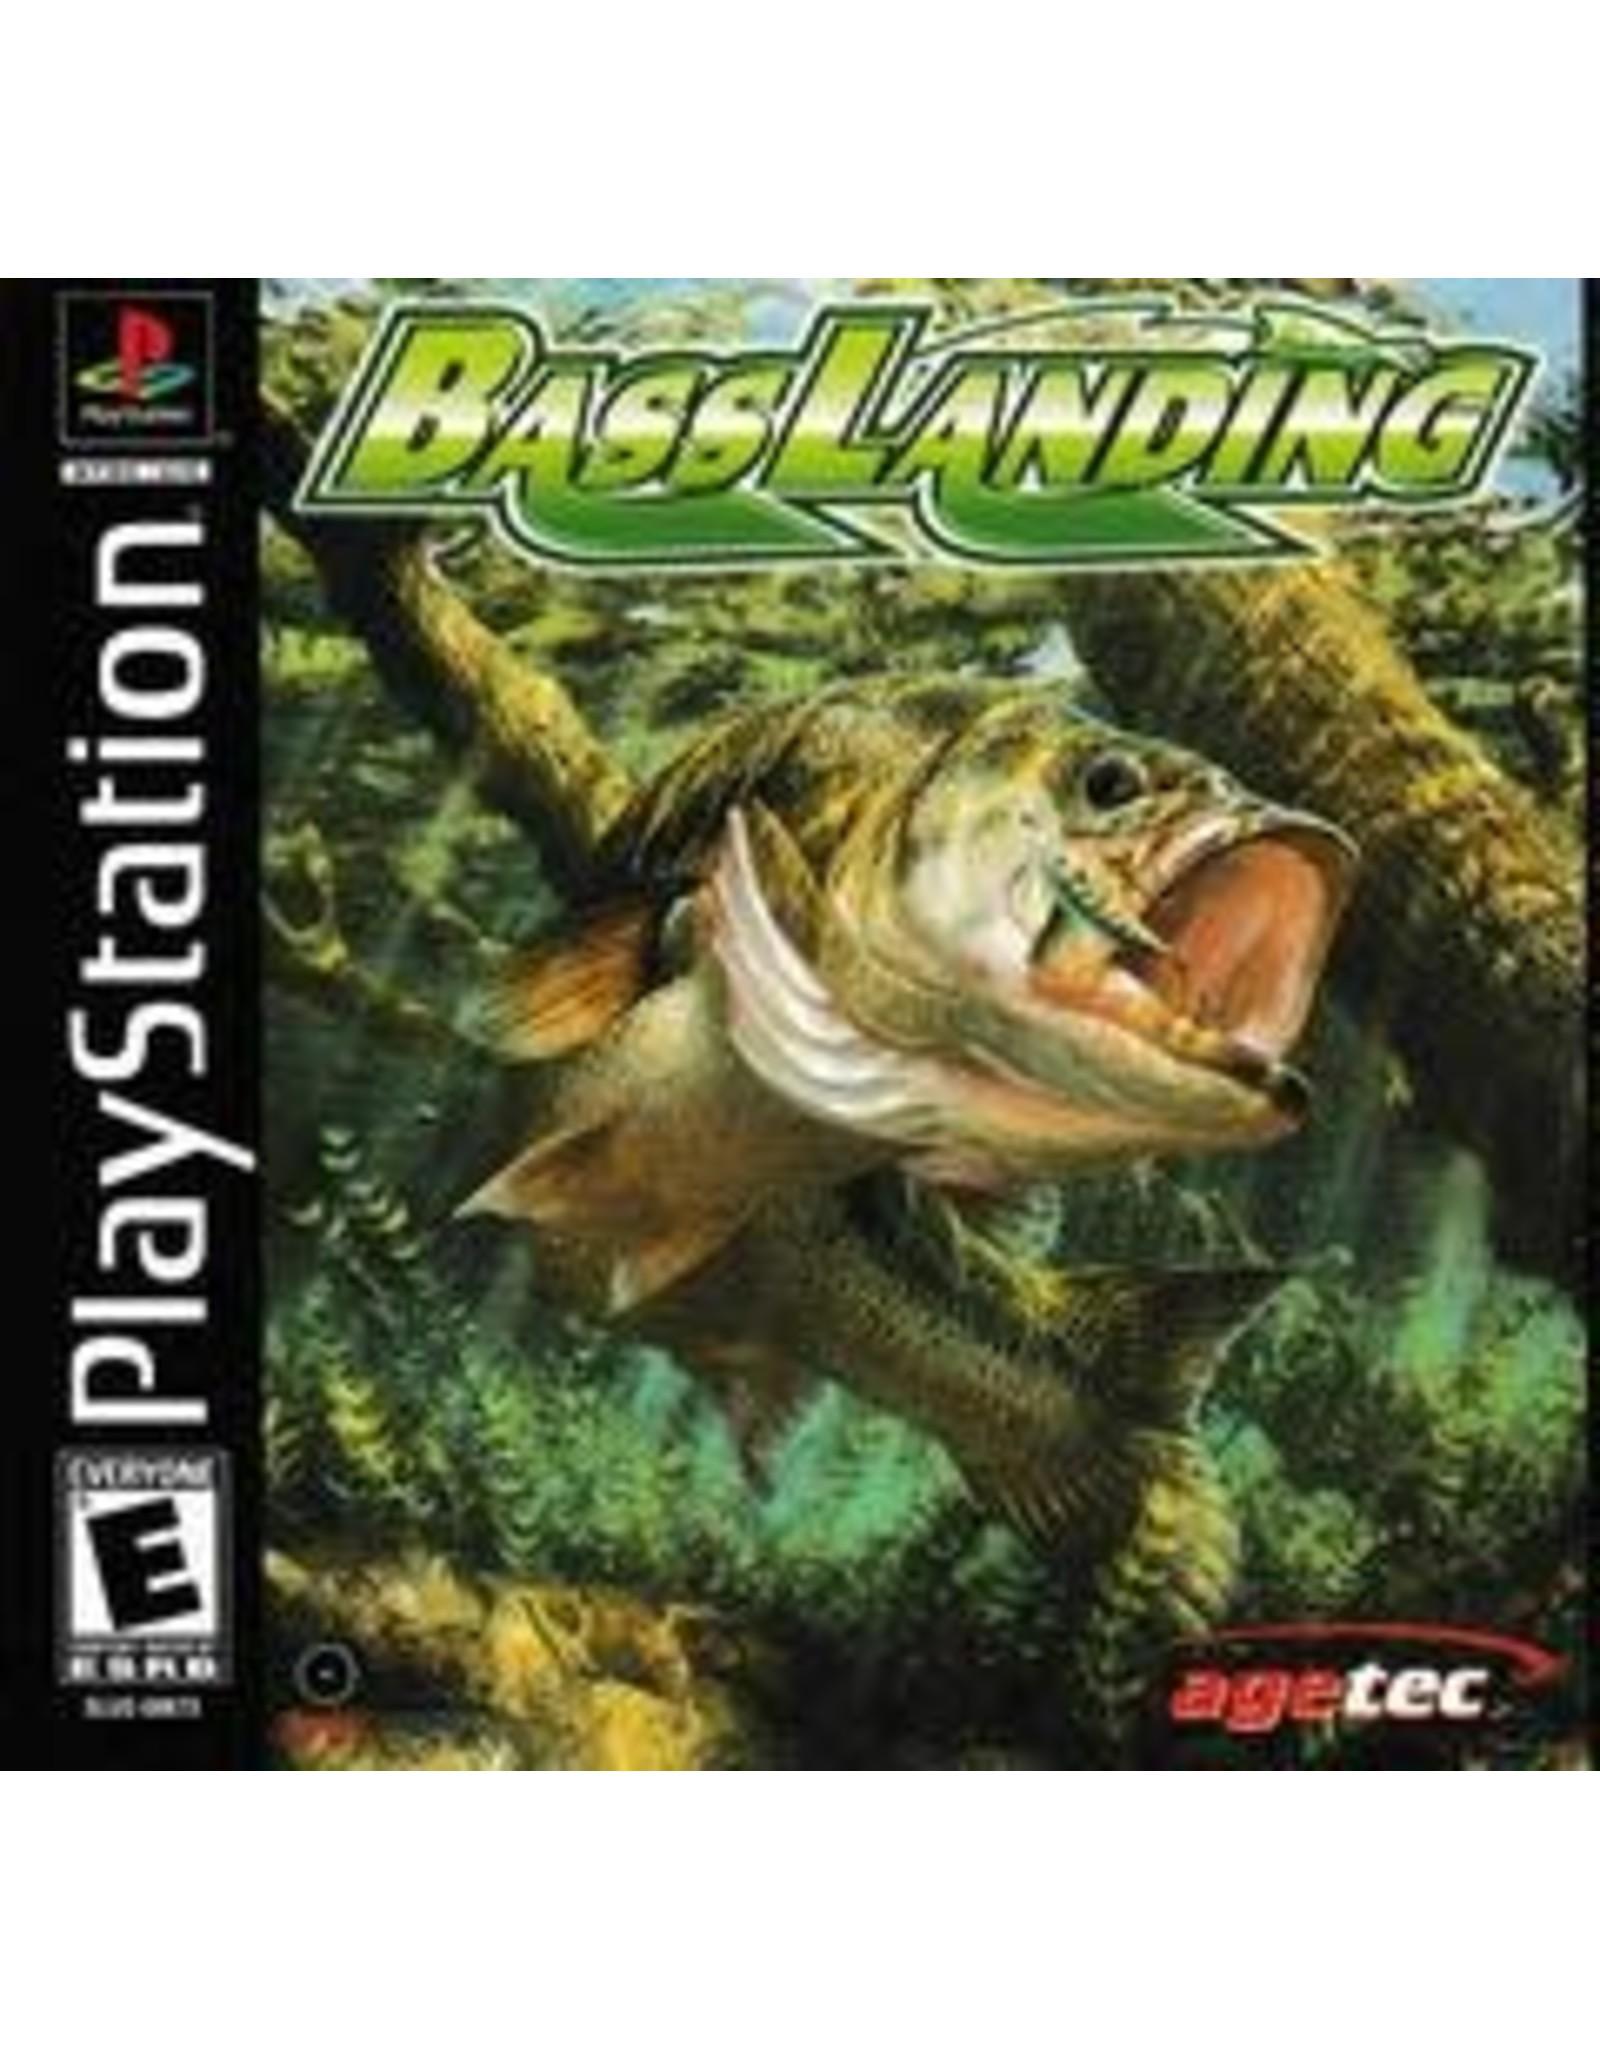 Playstation Bass Landing (No Manual)